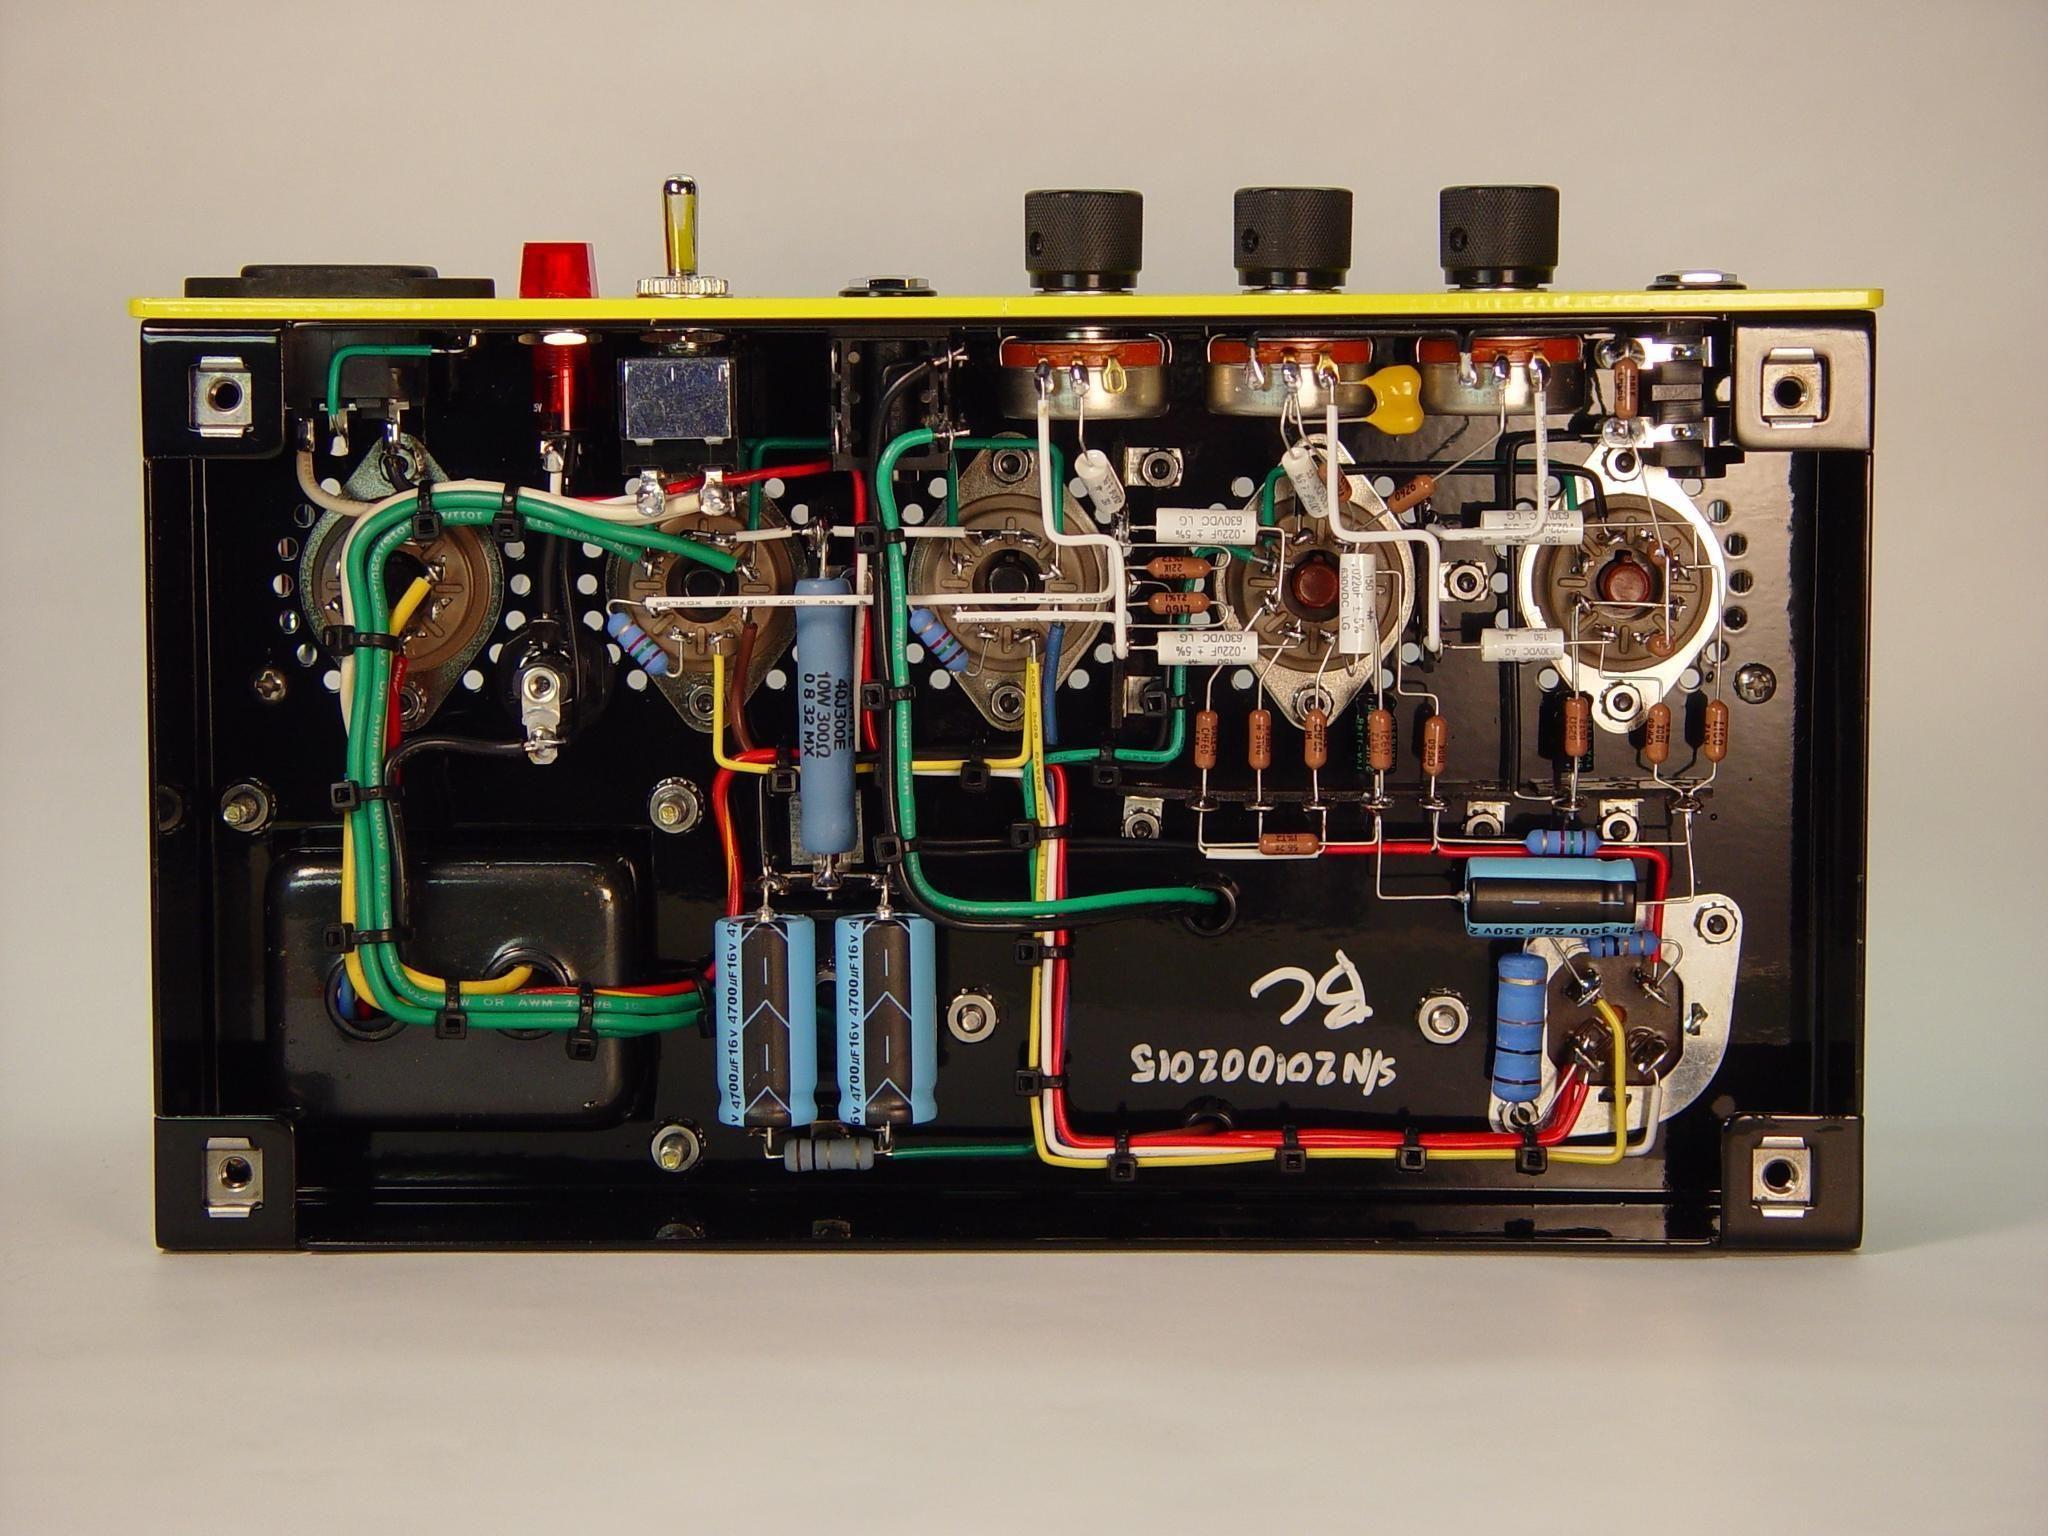 clean point to point wiring guitar amp recherche google [ 2048 x 1536 Pixel ]